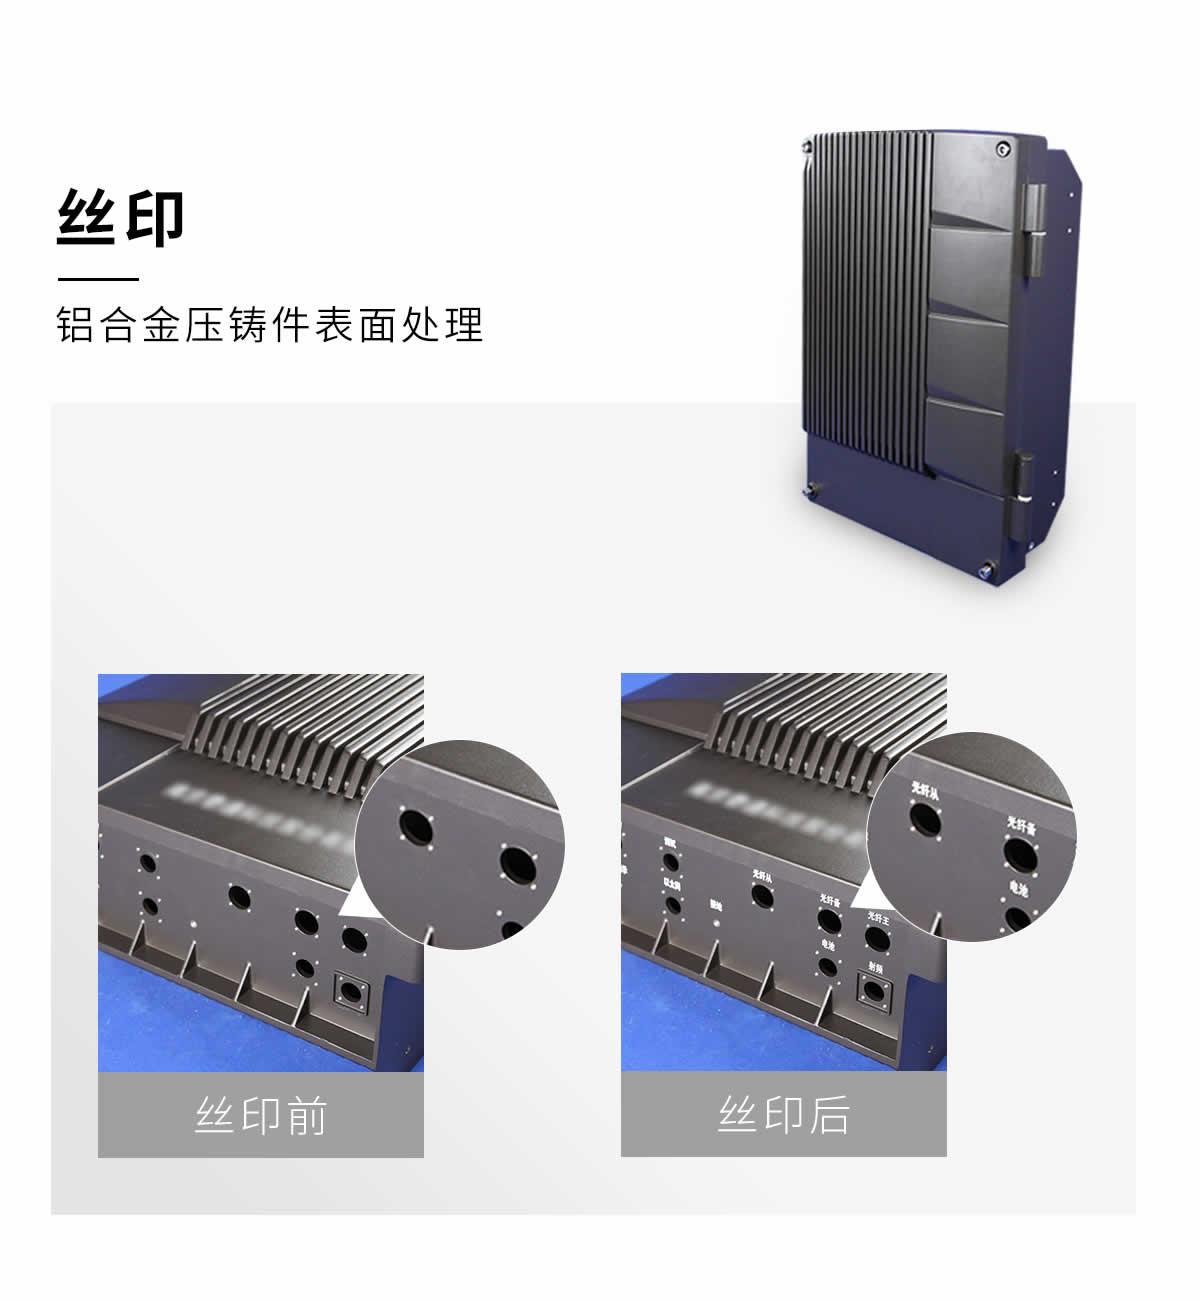 铝压铸通信机箱表面处理:丝印